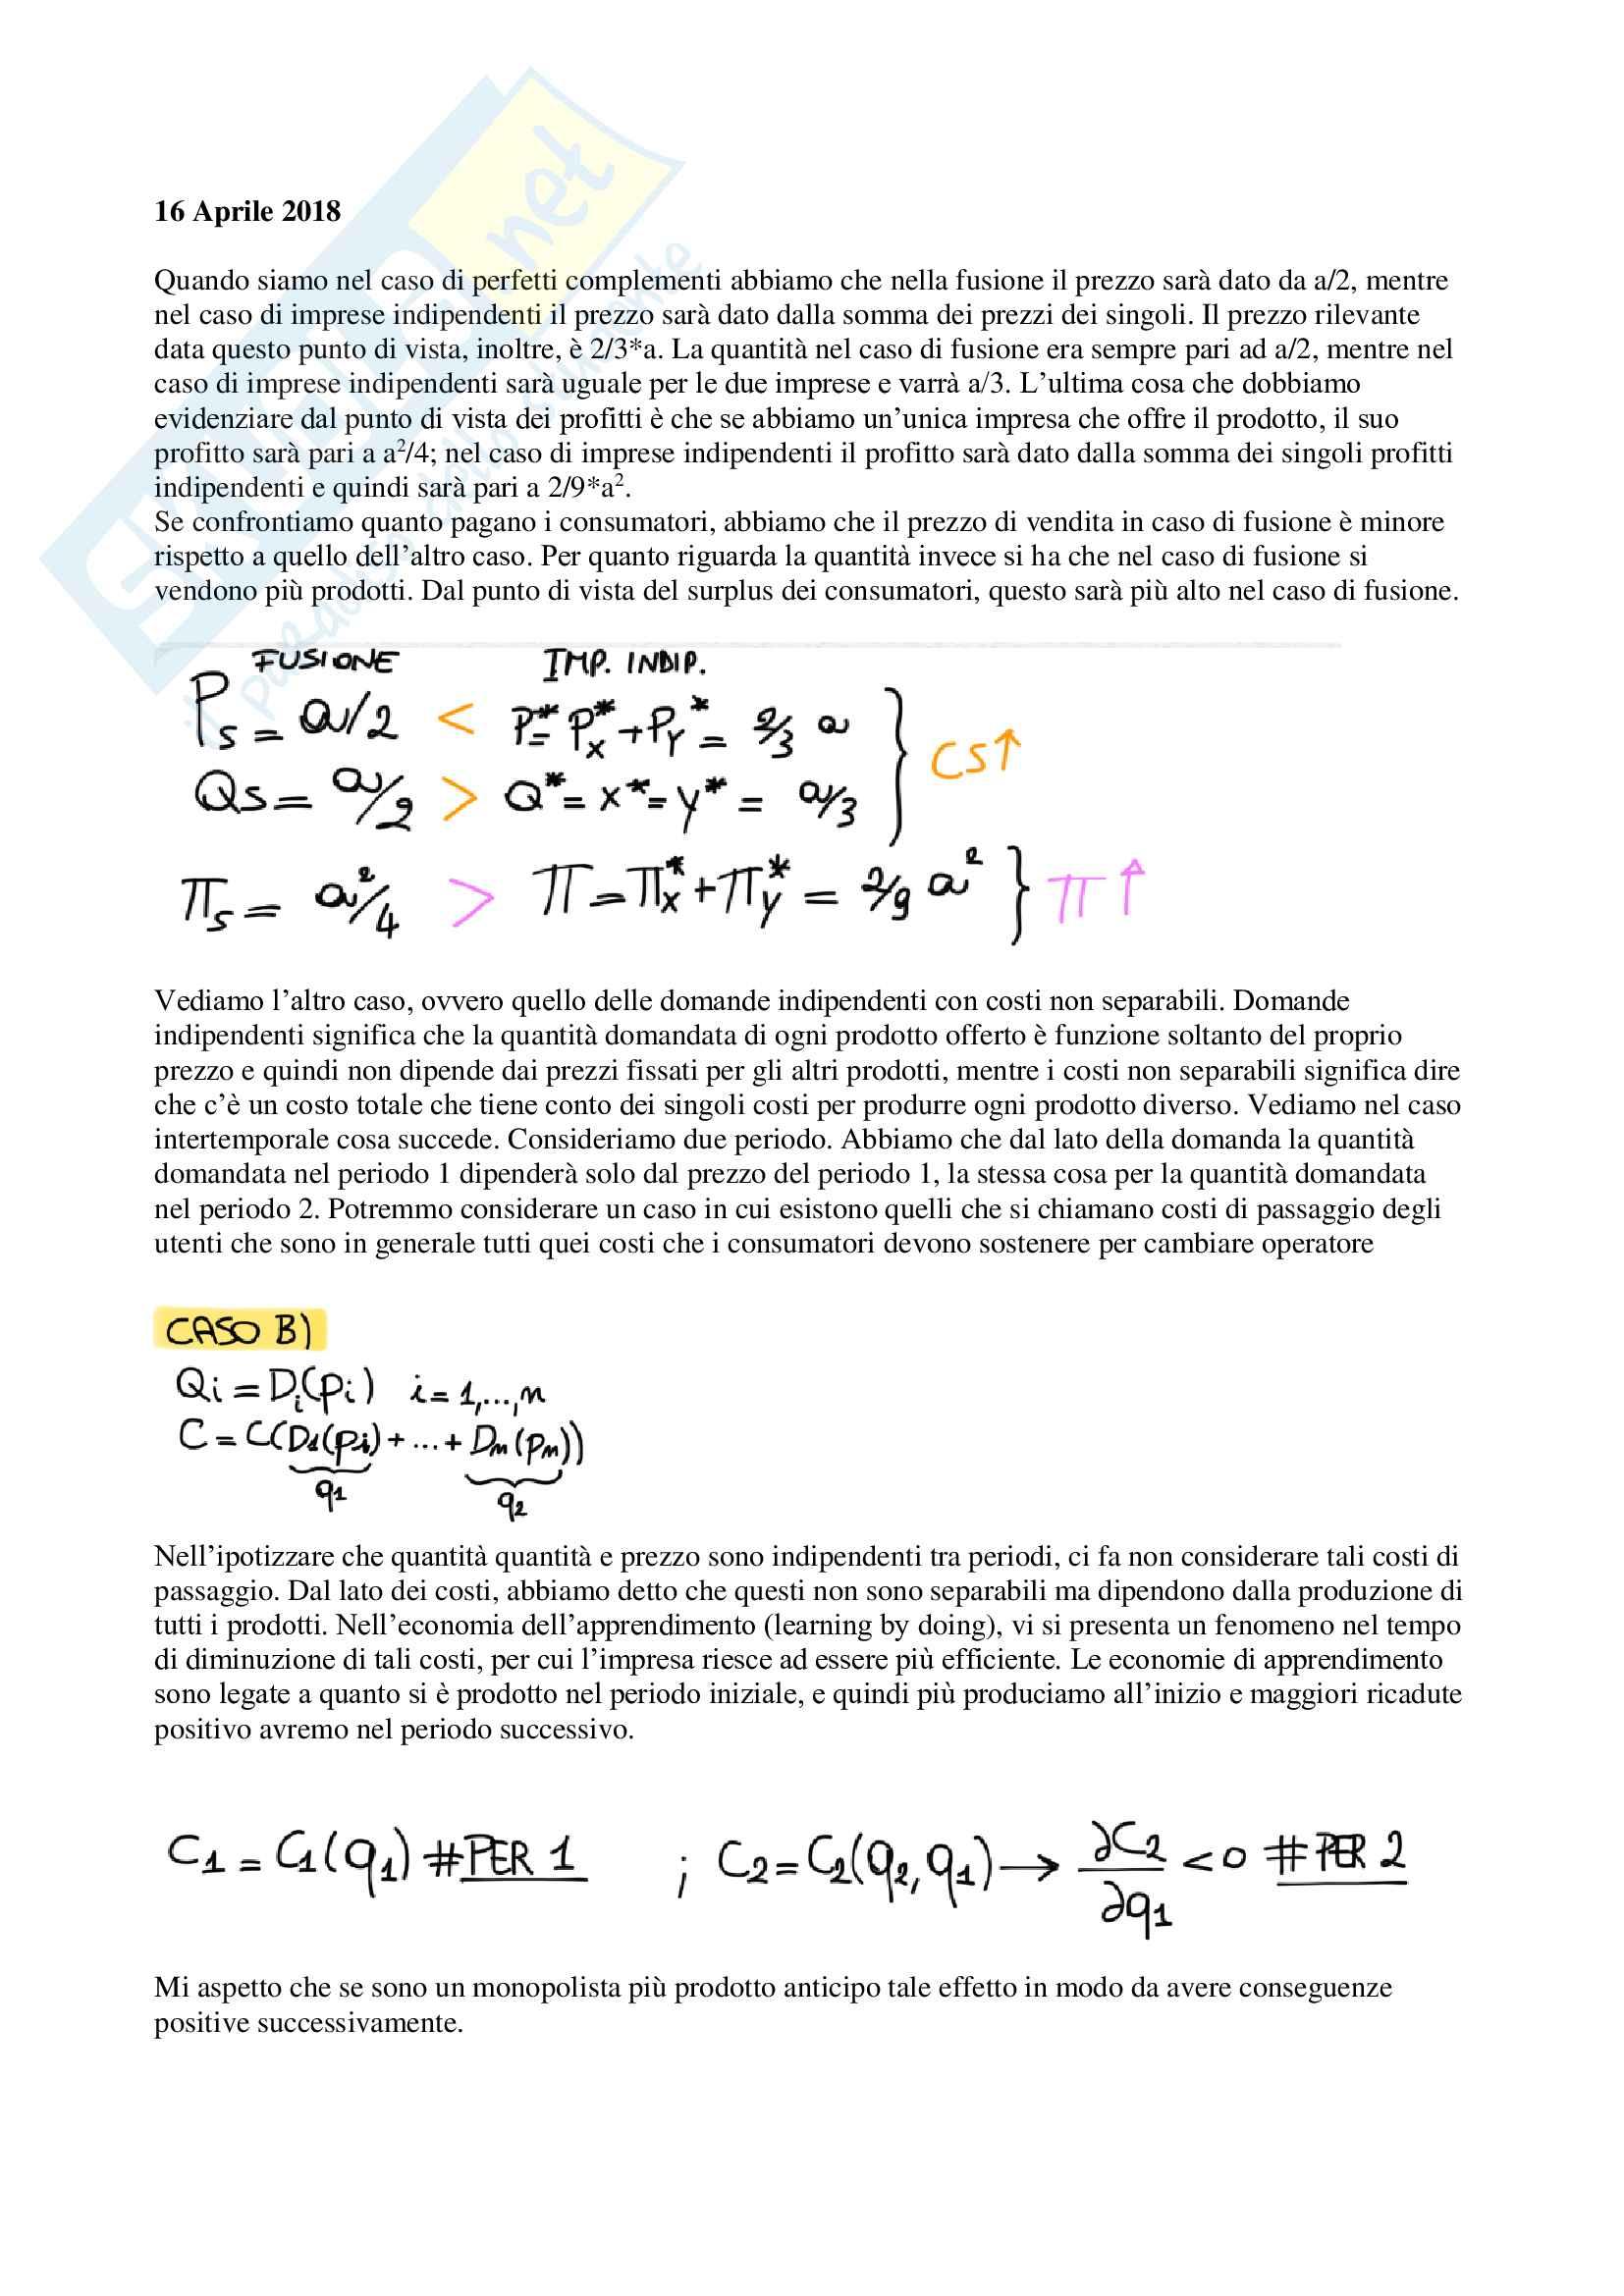 Appunti di Economia dei sistemi industriali, prof. Reverberi e Nastasi Pag. 41